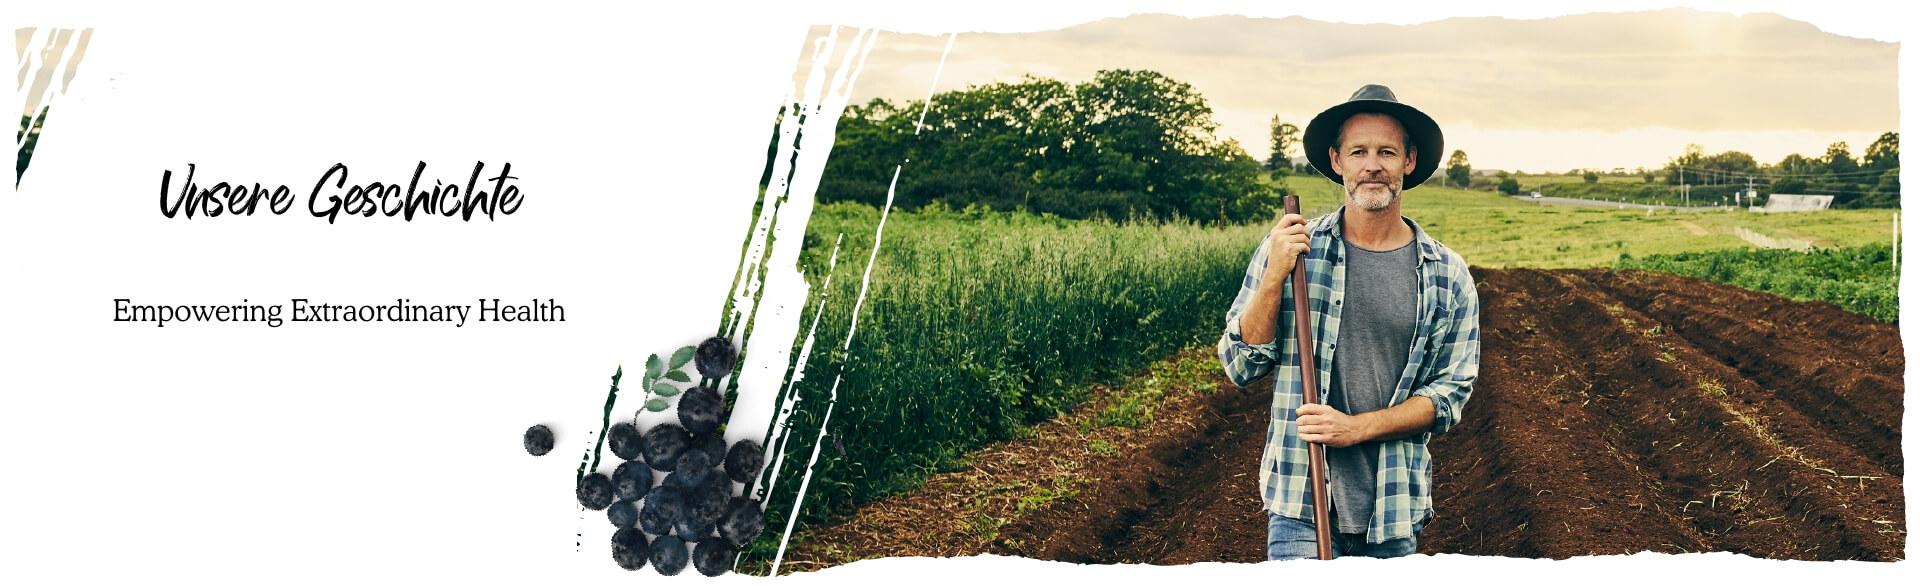 Farmer walking through the field